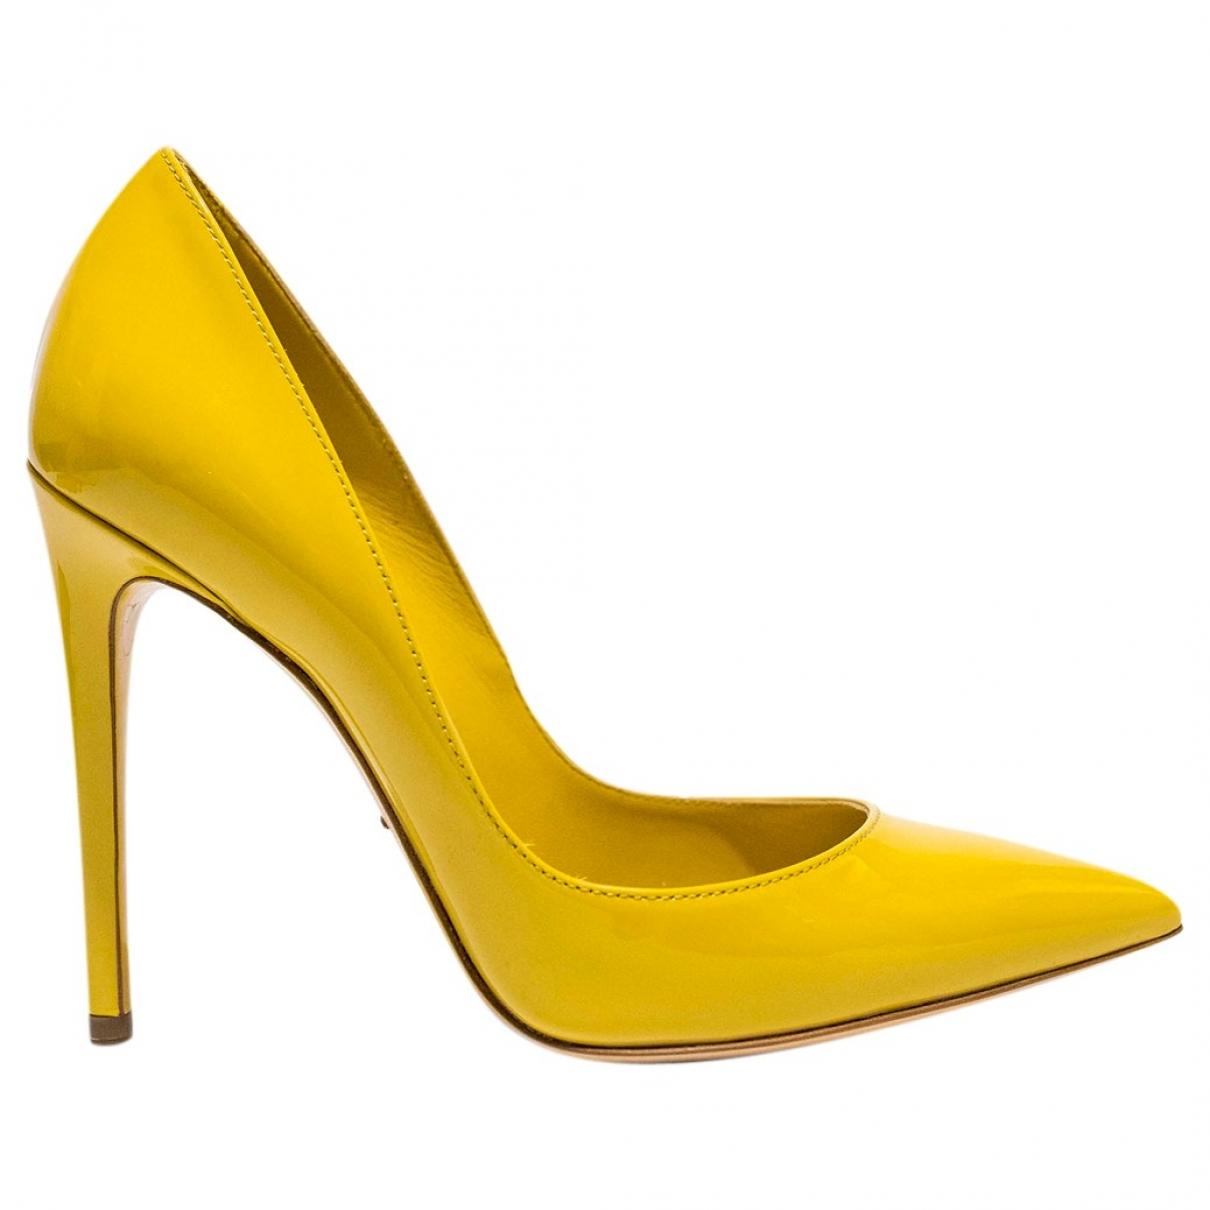 Dolce & Gabbana - Escarpins   pour femme en cuir verni - jaune